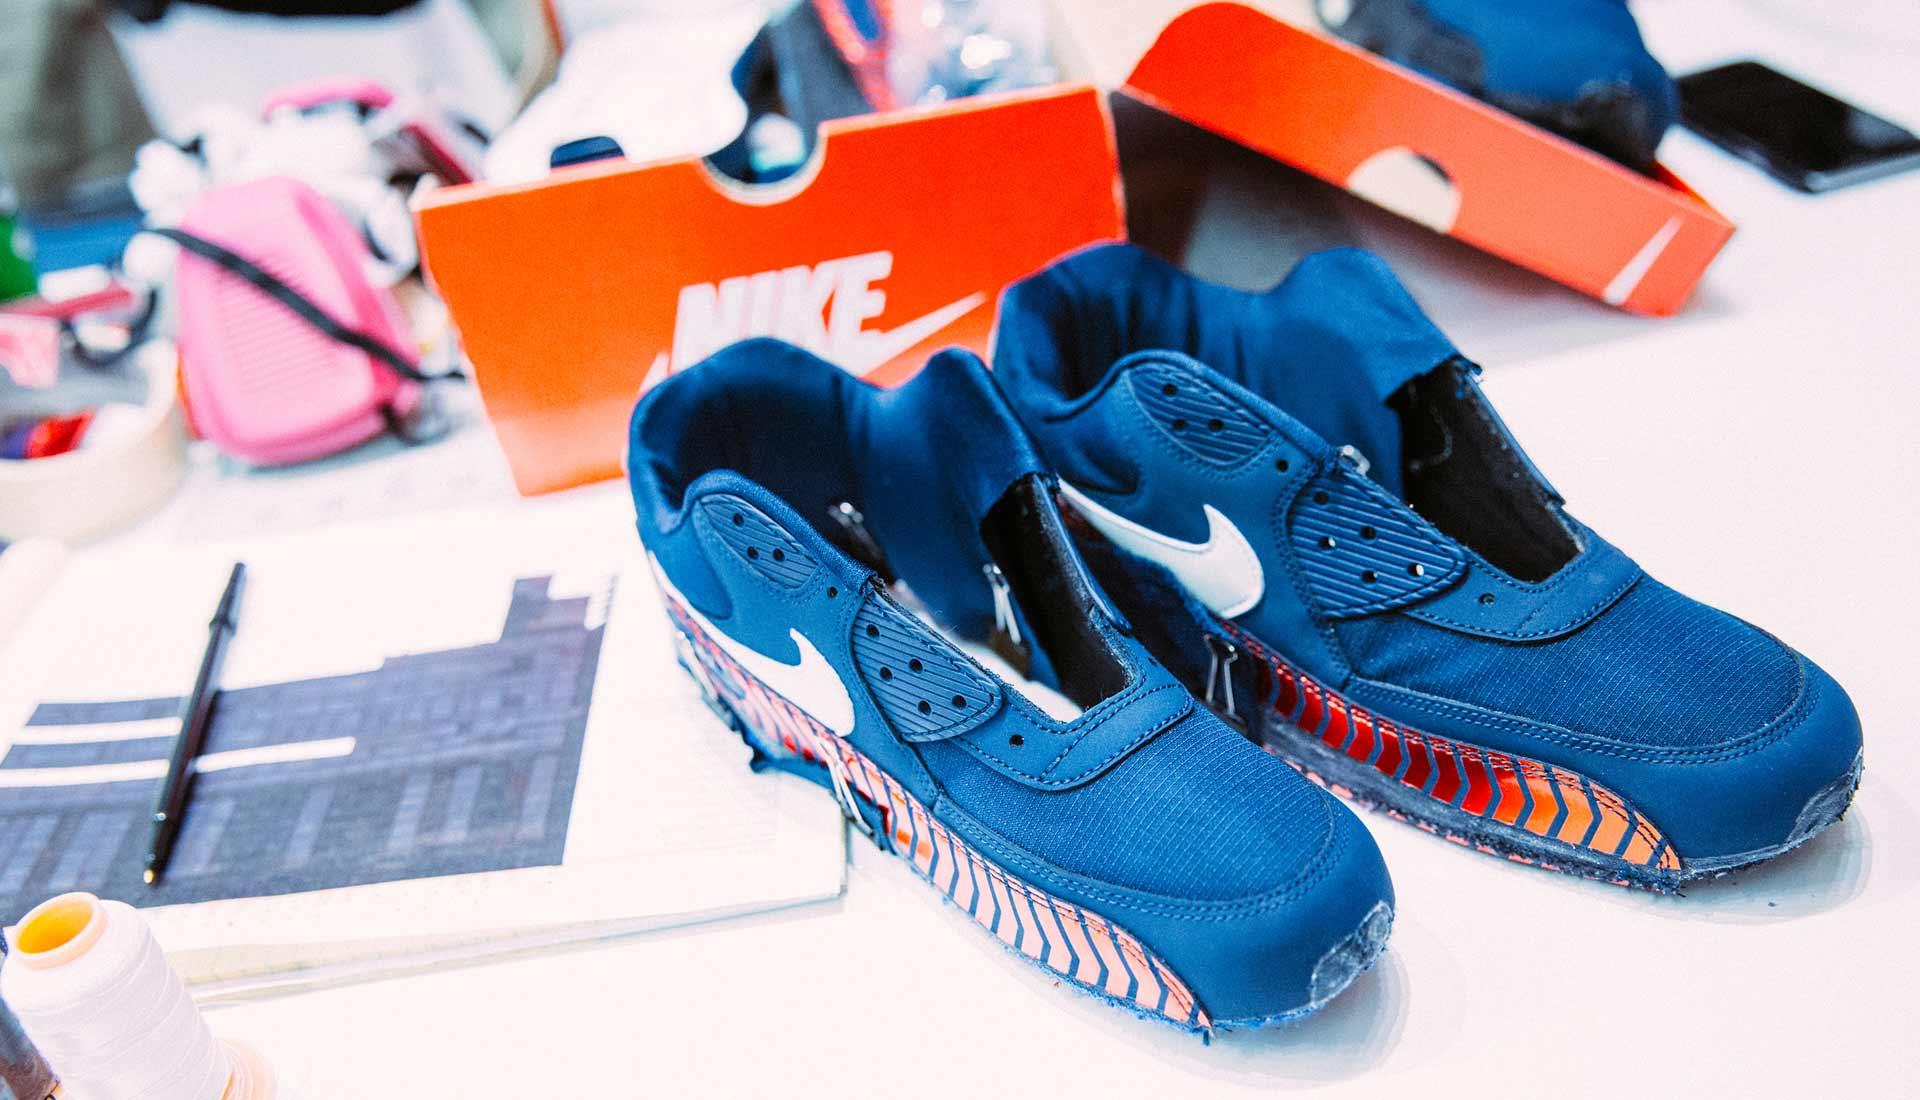 Nike Une En X Airmax90 Limitée Psg Lfk13tjc Édition PukZiOX